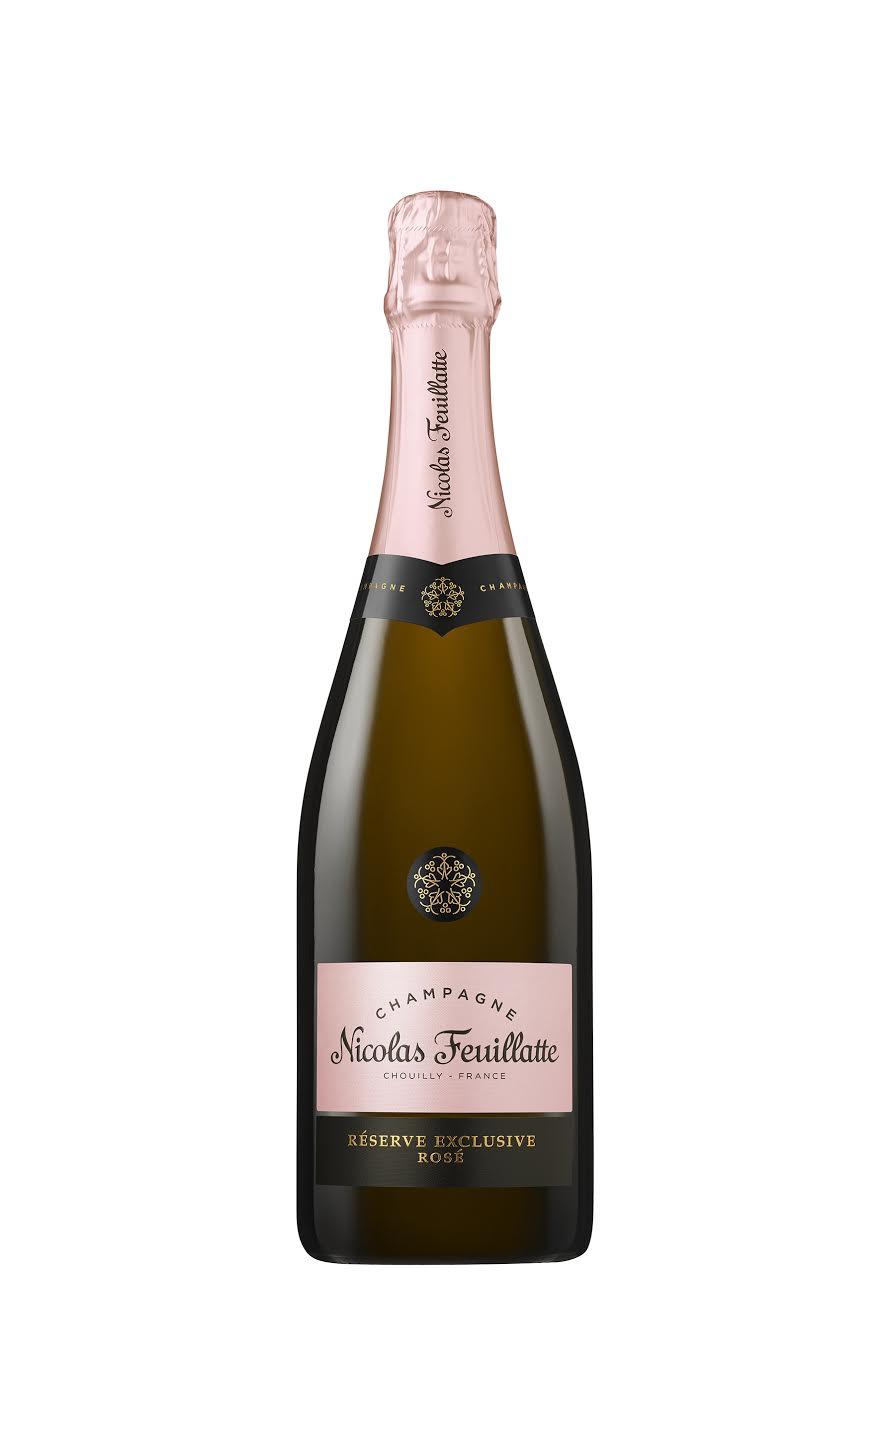 Champagne Nicolas Feuillatte Réserve Exclusive Rosé NV